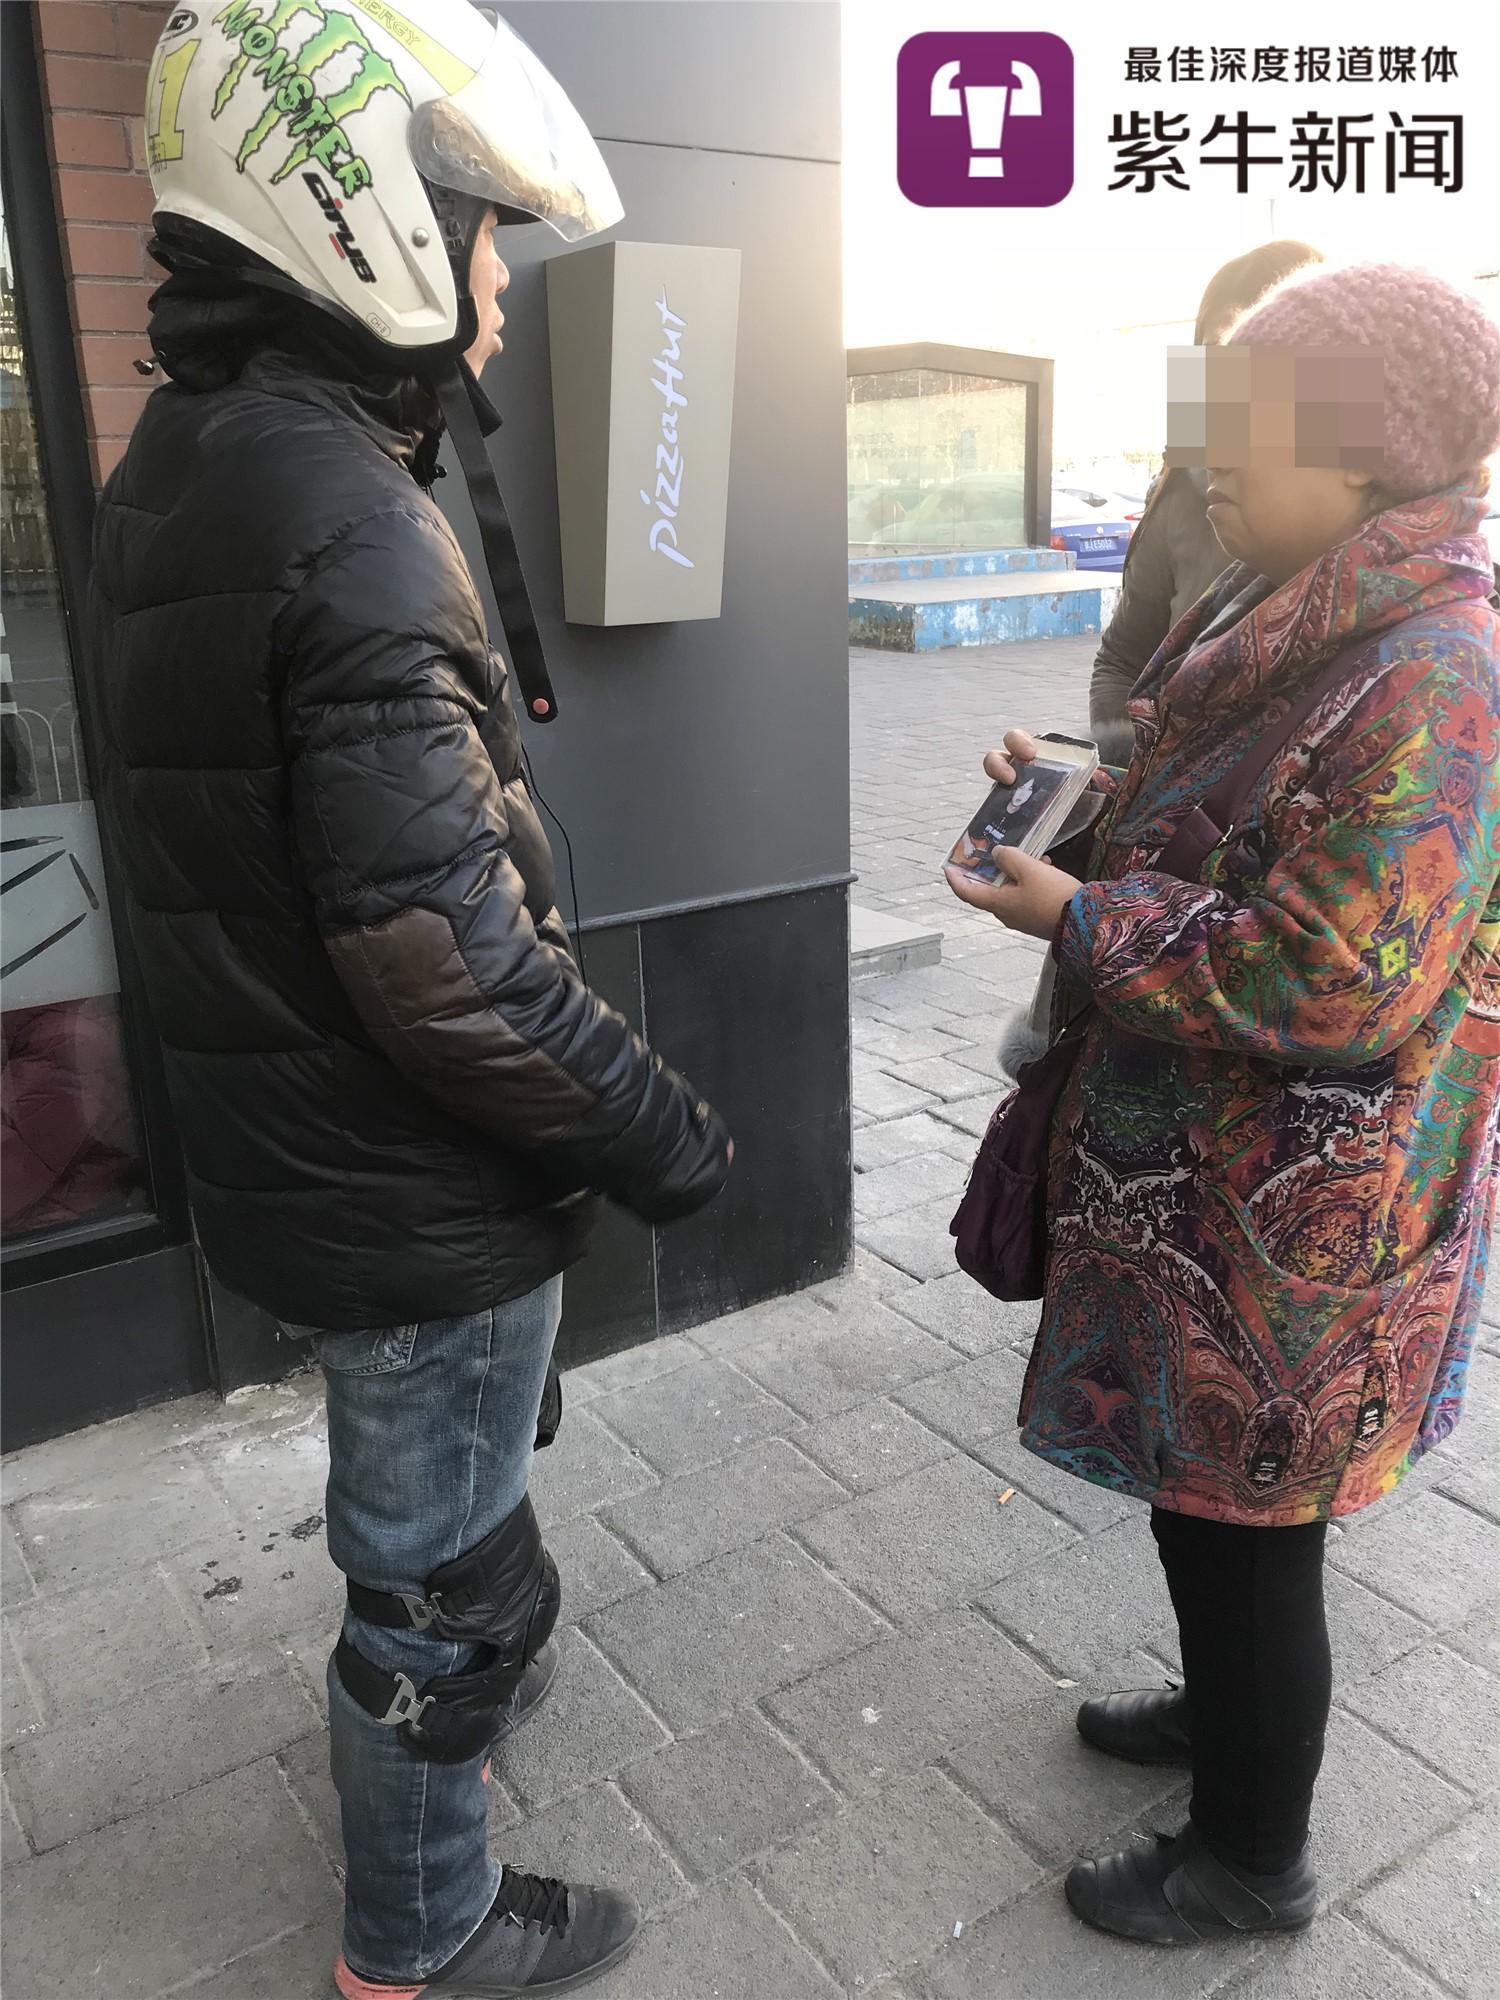 李艳霞开始四处奔波寻找儿子